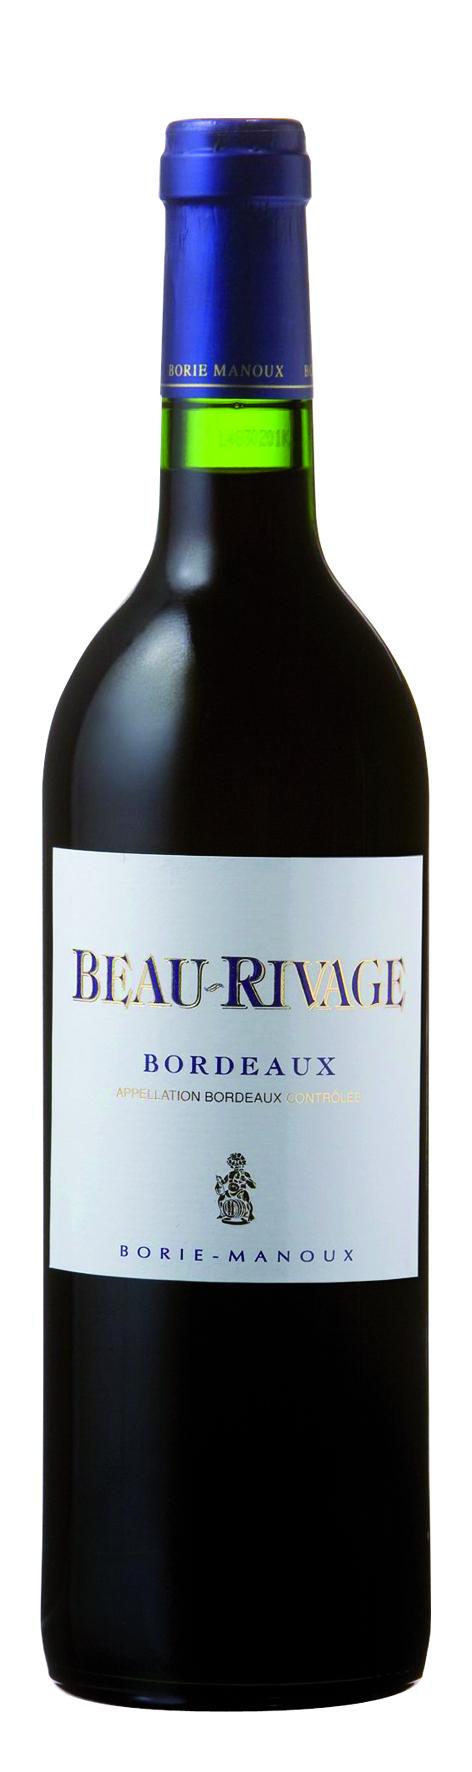 Borie Manoux Beau-Rivage Bordeaux Rouge